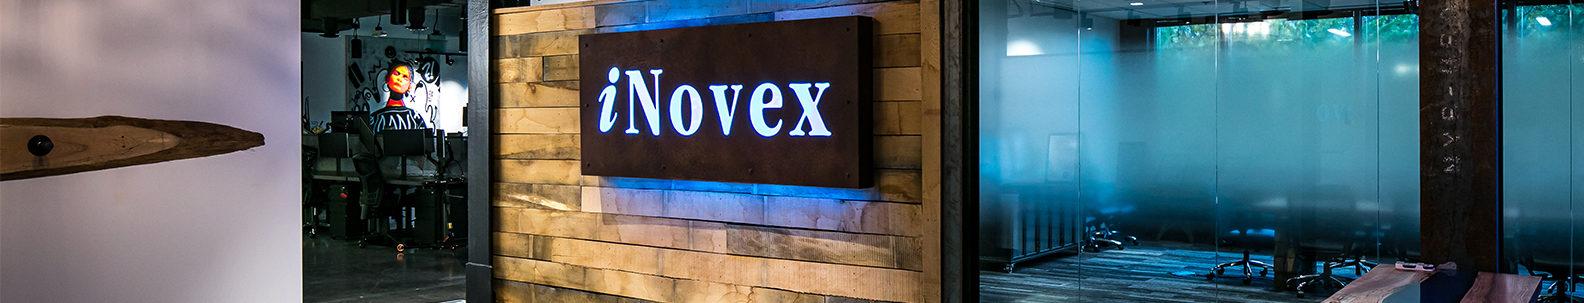 iNovex